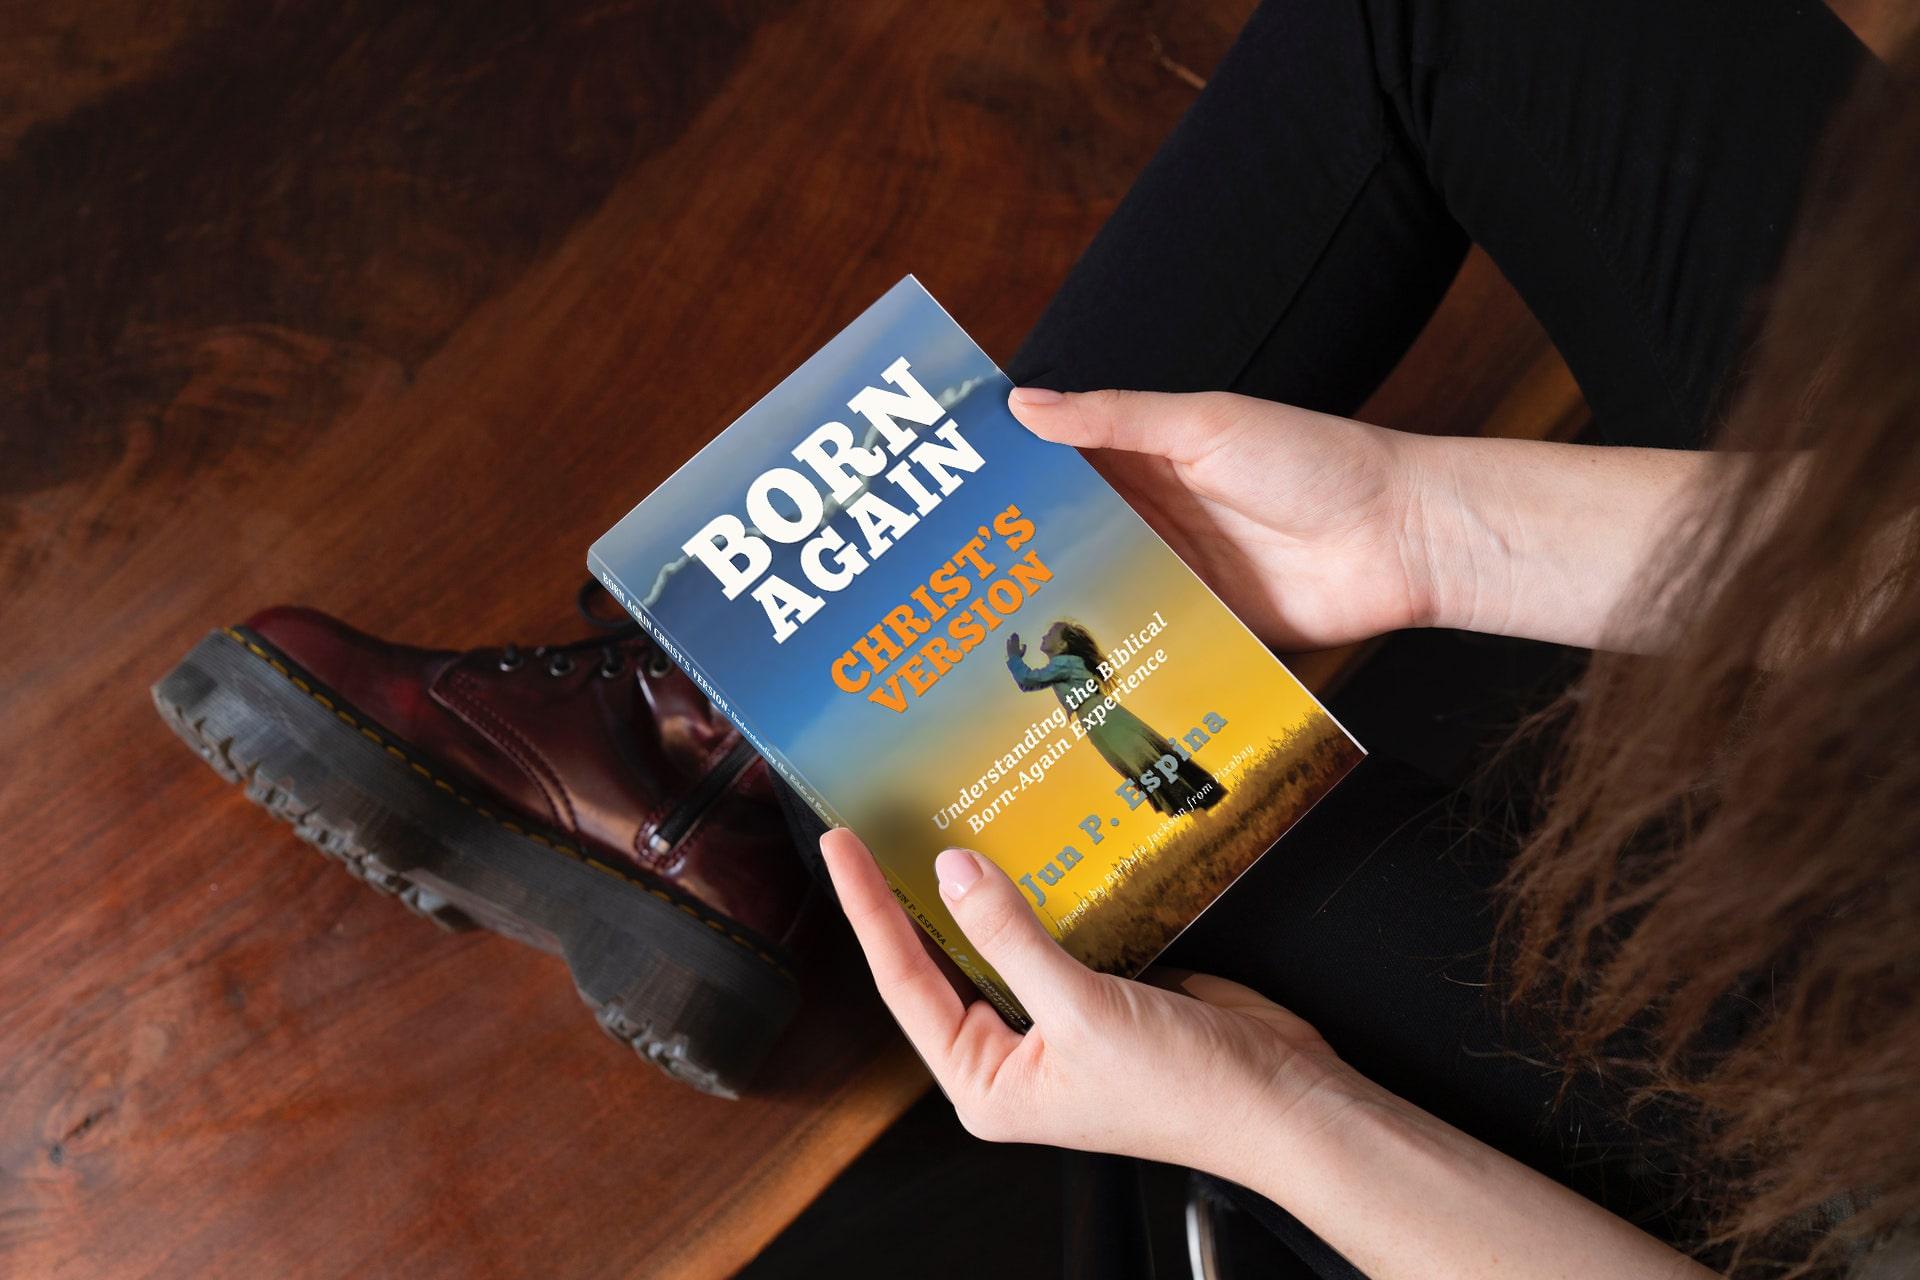 born again christ's version author jun p espina